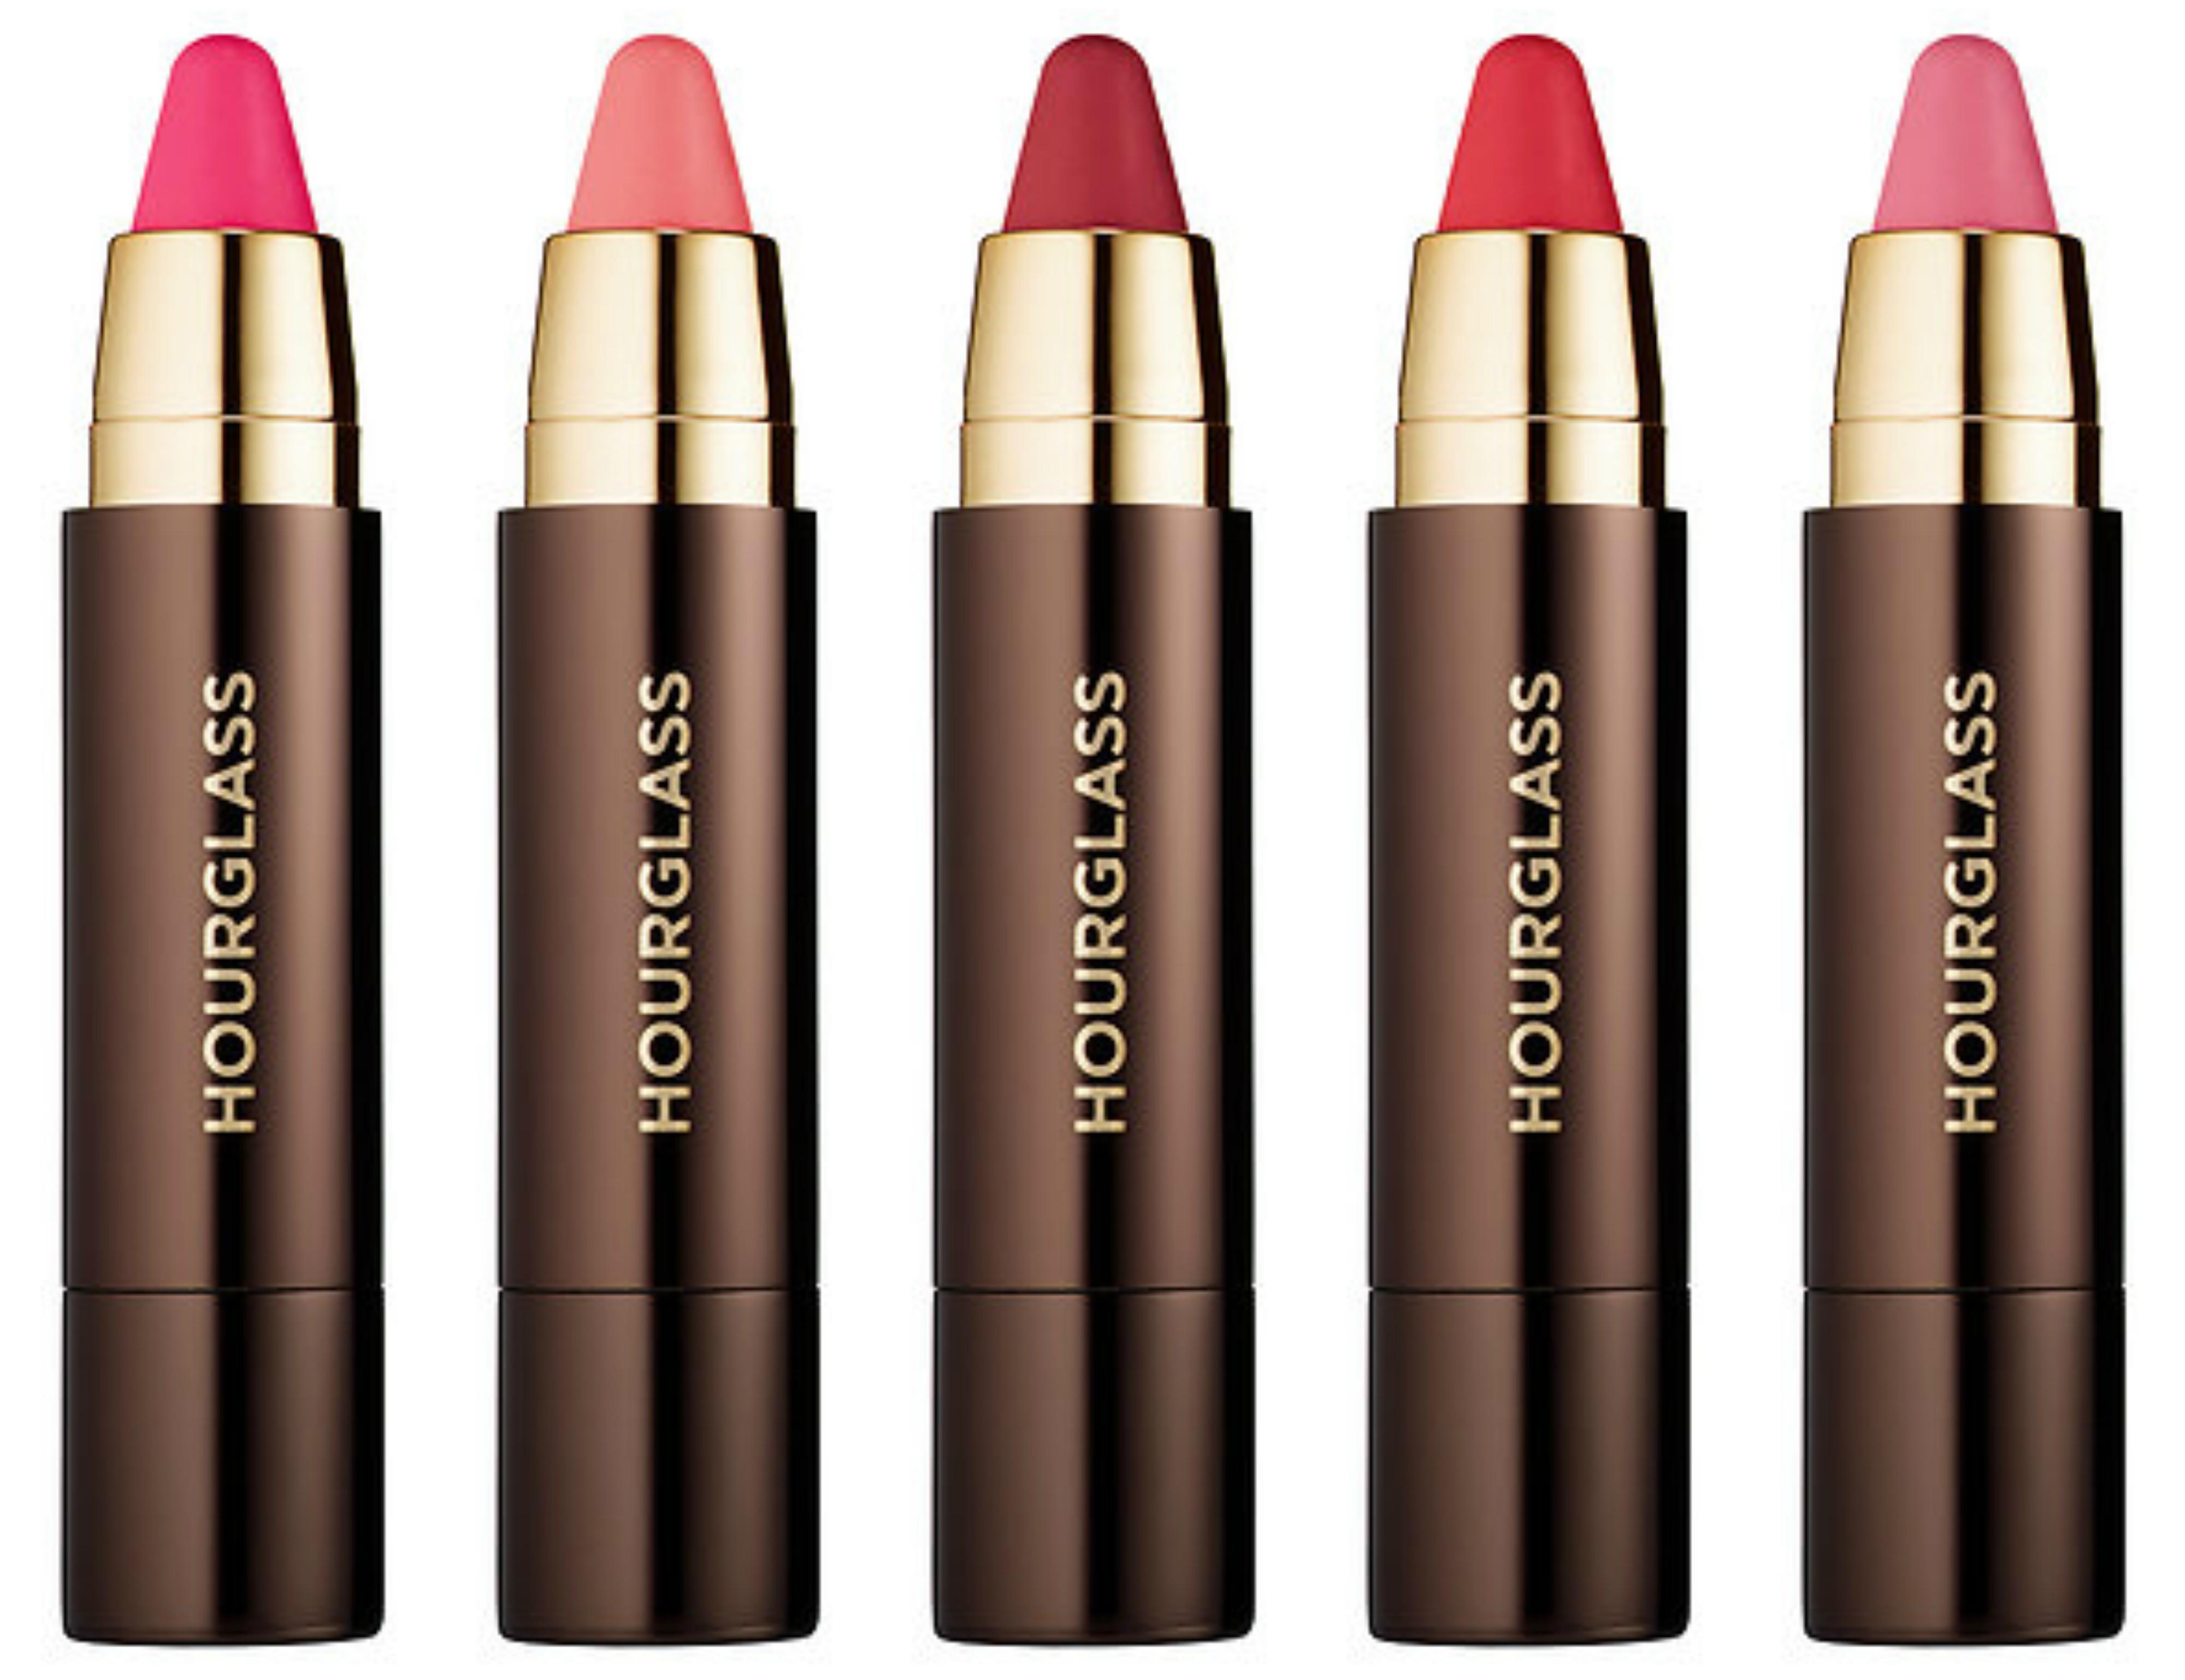 1 Hourglass Cosmetics GIRL Lip Stylo